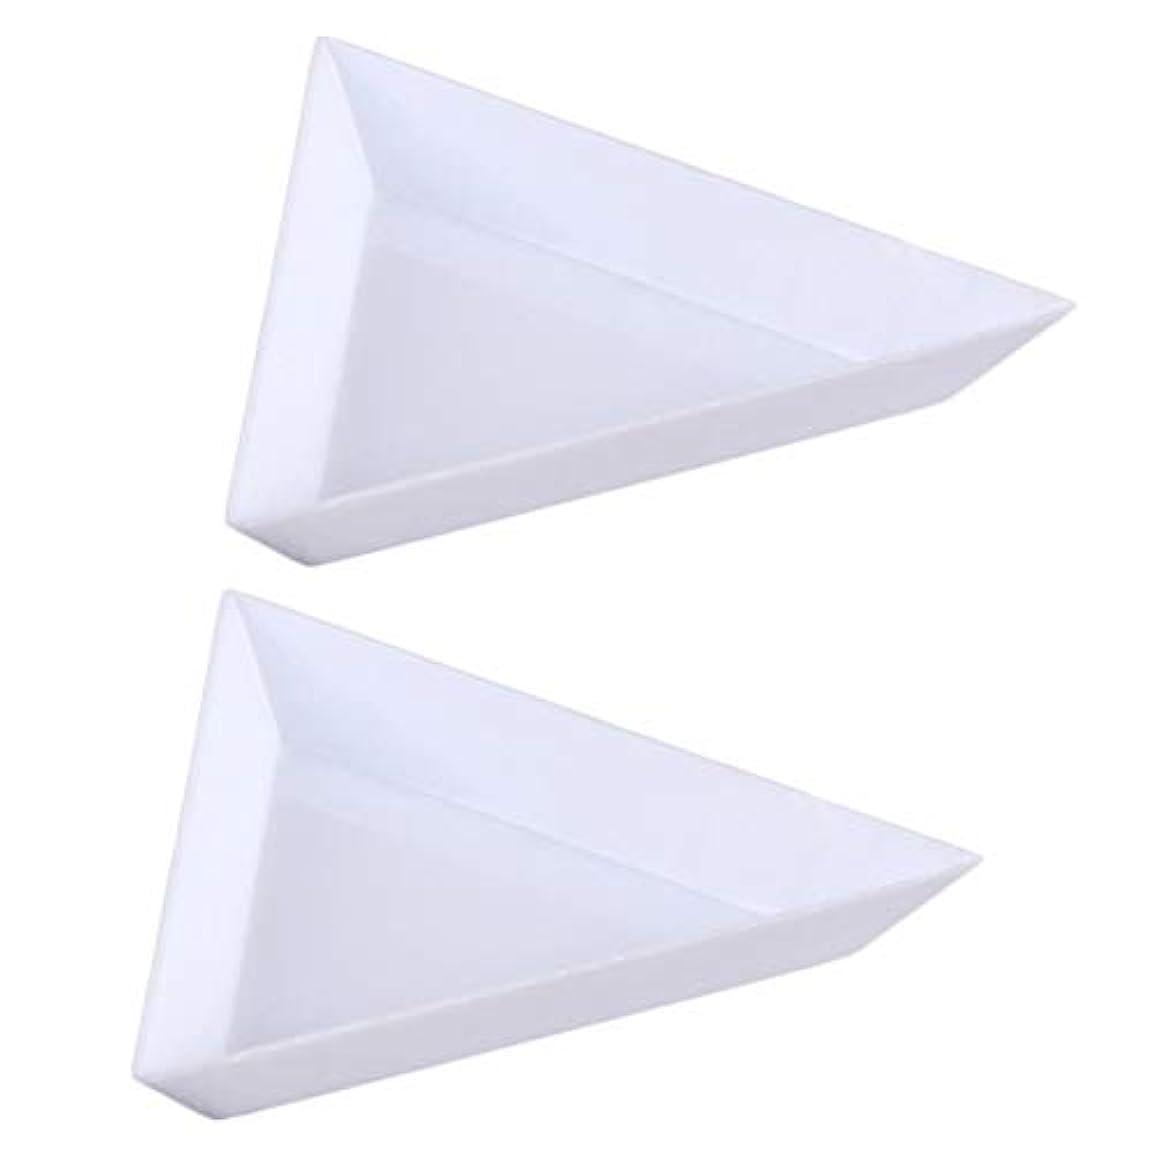 取り戻す悲しみ従来のCUHAWUDBA 10個三角コーナープラスチックラインストーンビーズ 結晶 ネイルアートソーティングトレイアクセサリー白 DiyネイルアートデコレーションDotting収納トレイ オーガニゼーションに最適